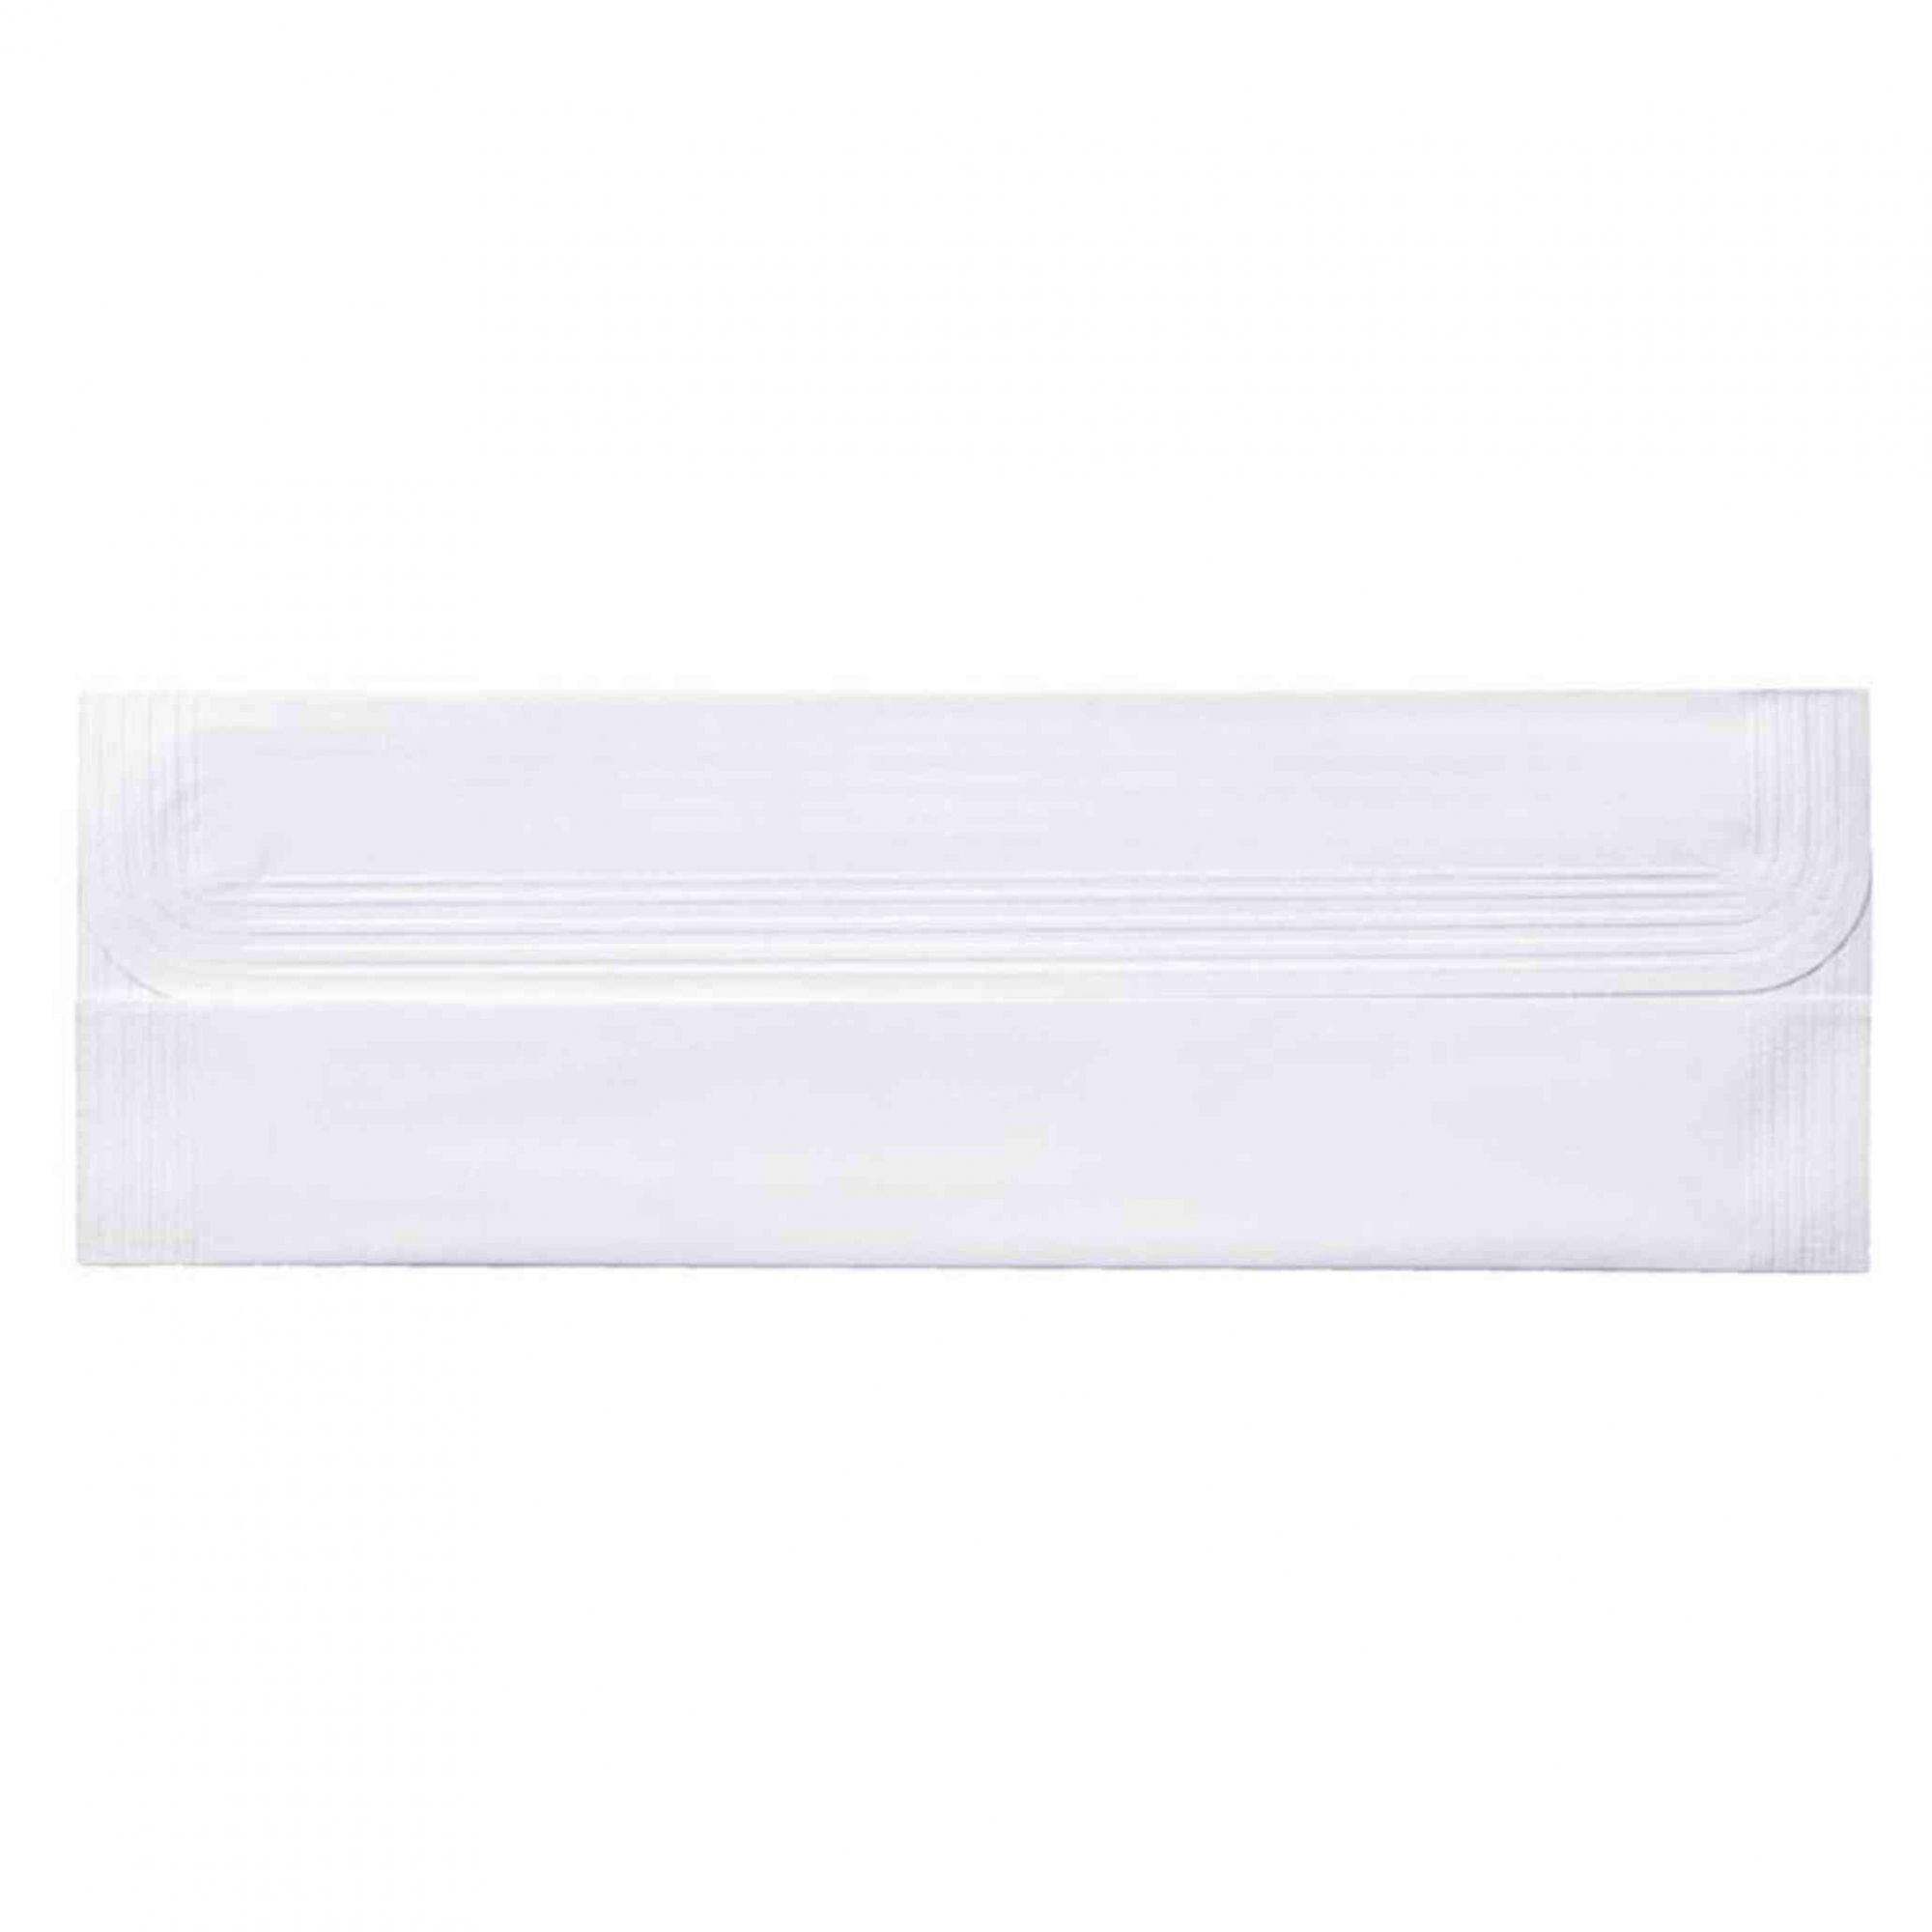 Toalha papel para lavabo  28x25 cm branca / Clássico - Sem personalizar - 100 unidades  - Persona Guardanapos & Cia